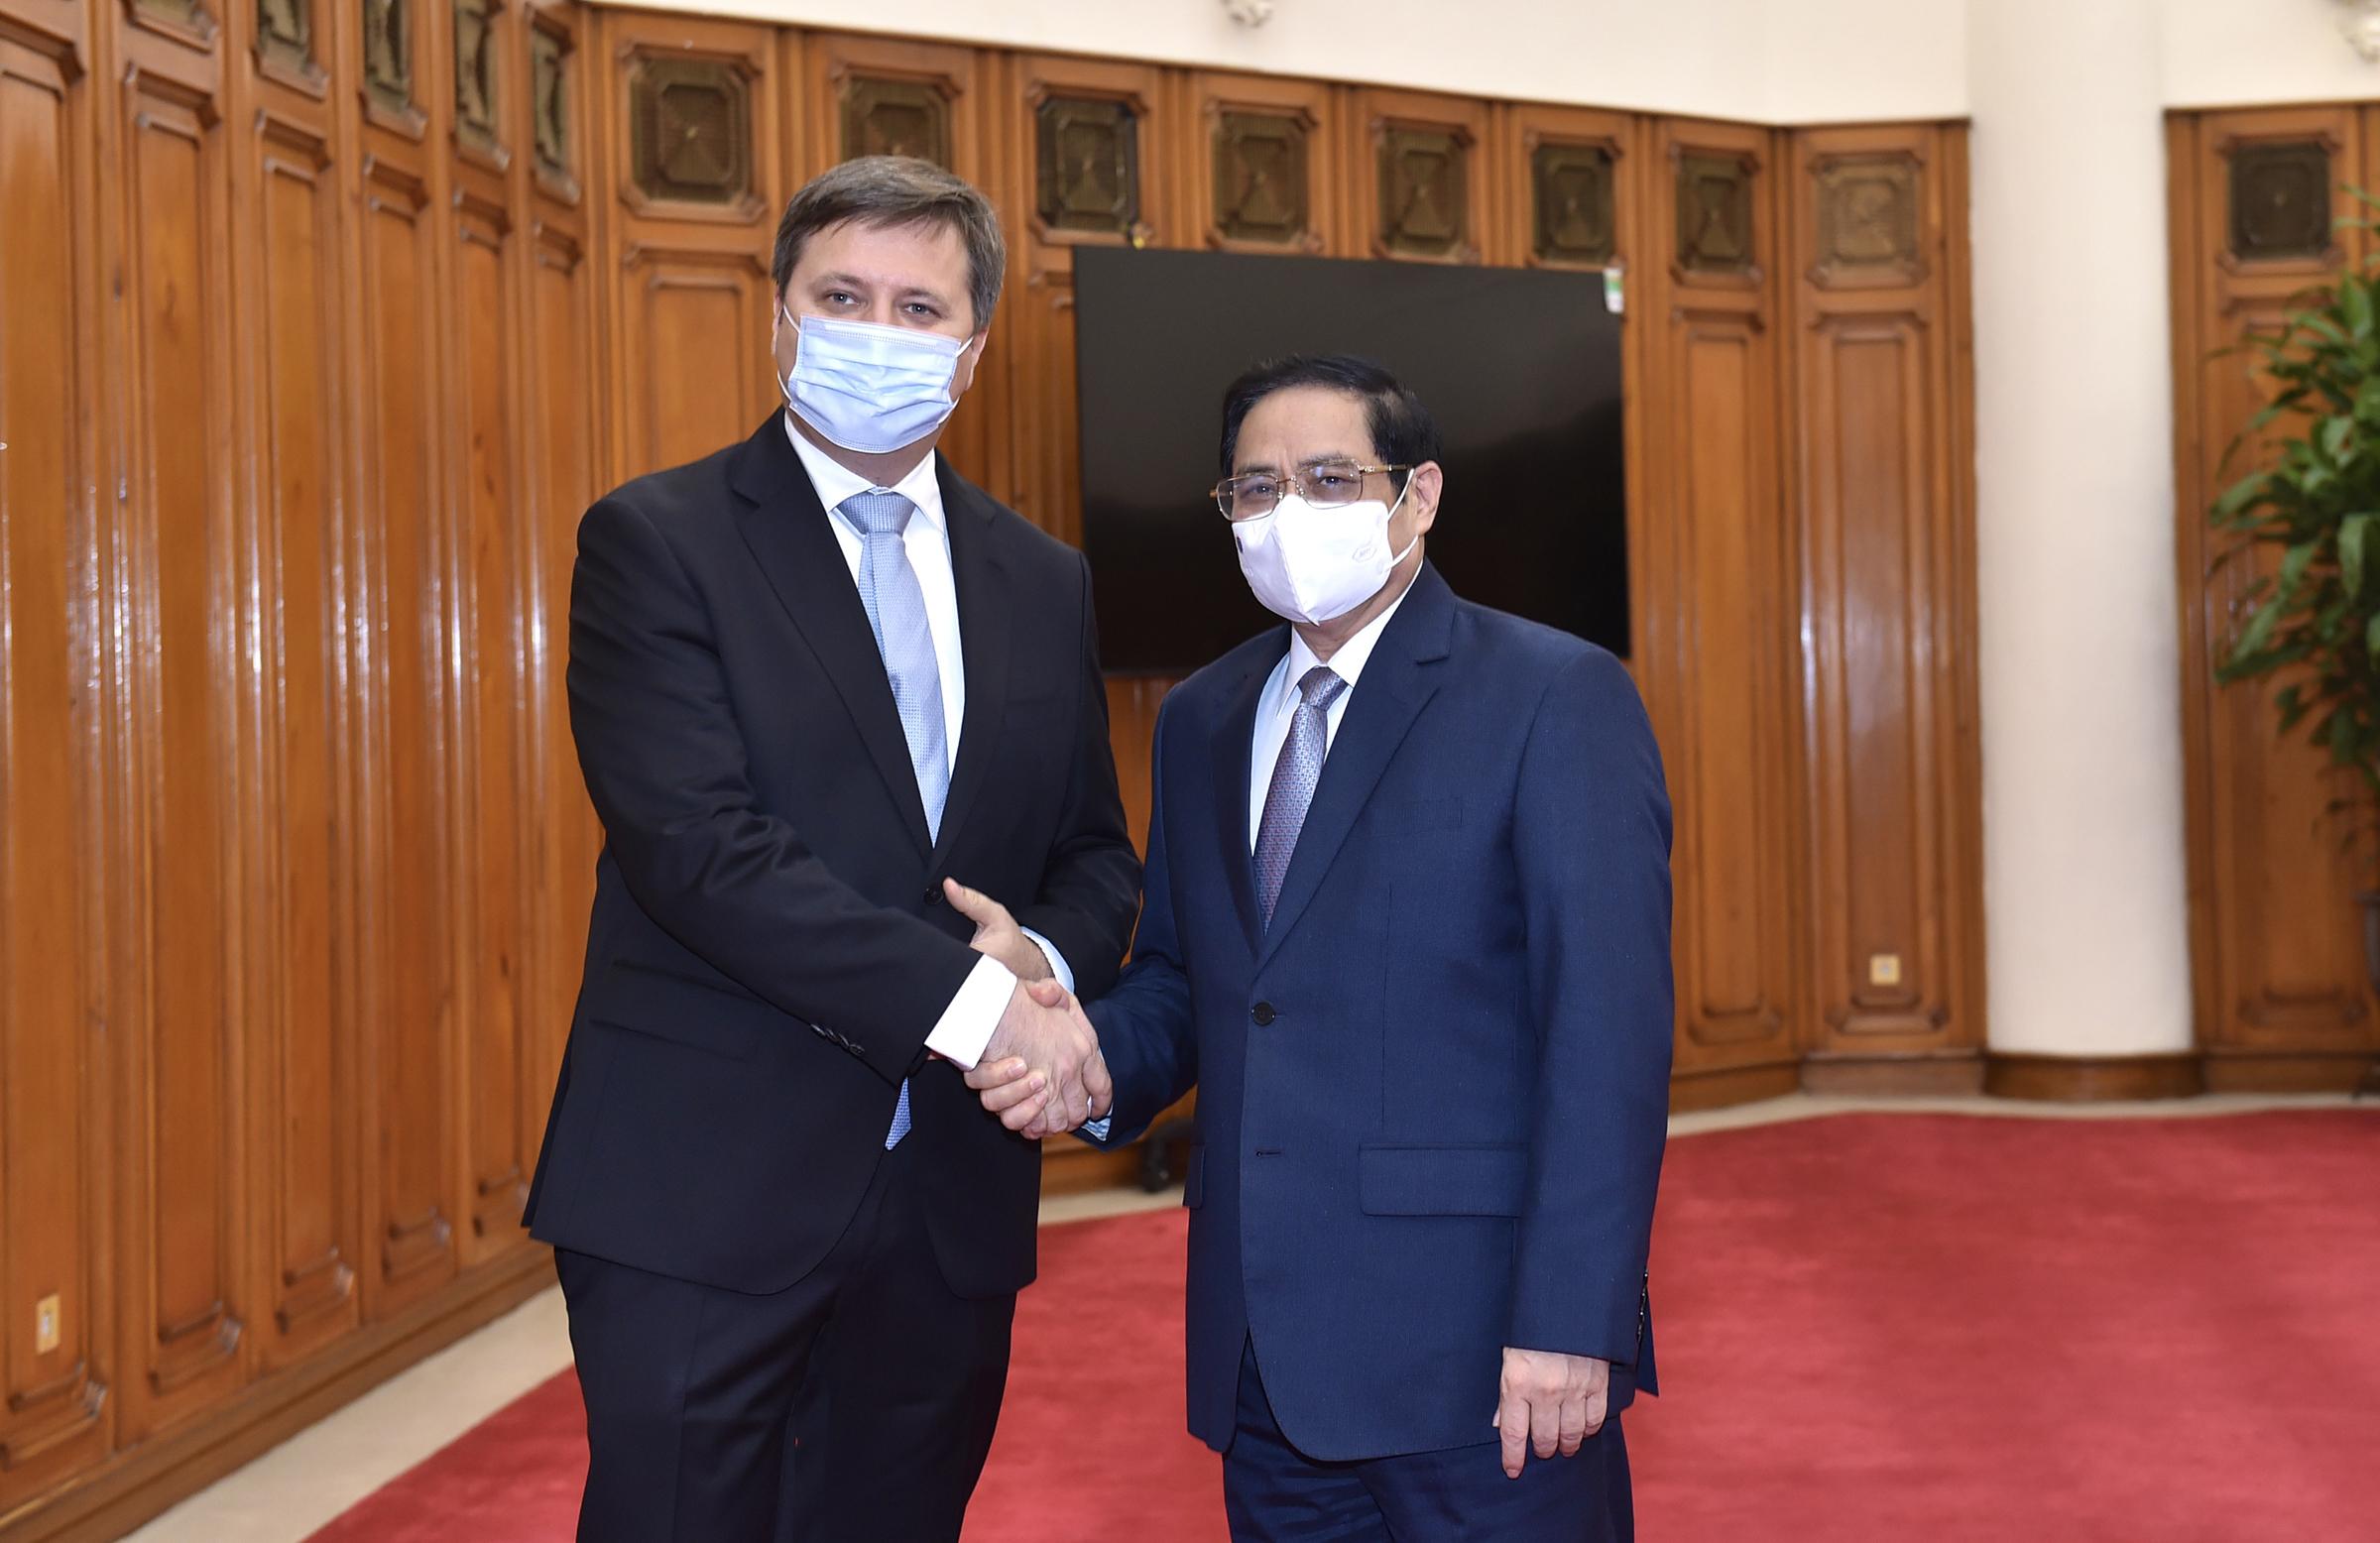 Thủ tướng Phạm Minh Chính tiếp Đại sứ Ba Lan Wojciech Gerwel, chiều 17/8. Ảnh: Nhật Bắc